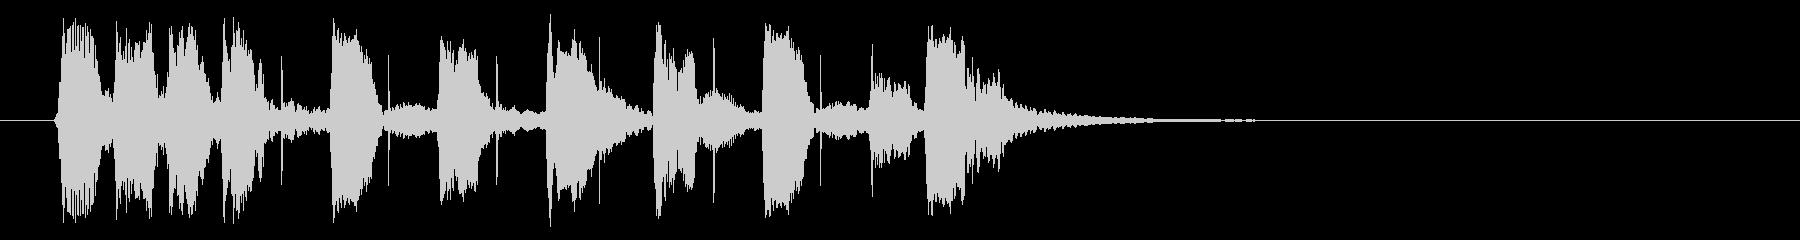 ベースの響きがかっこいいBGMの未再生の波形